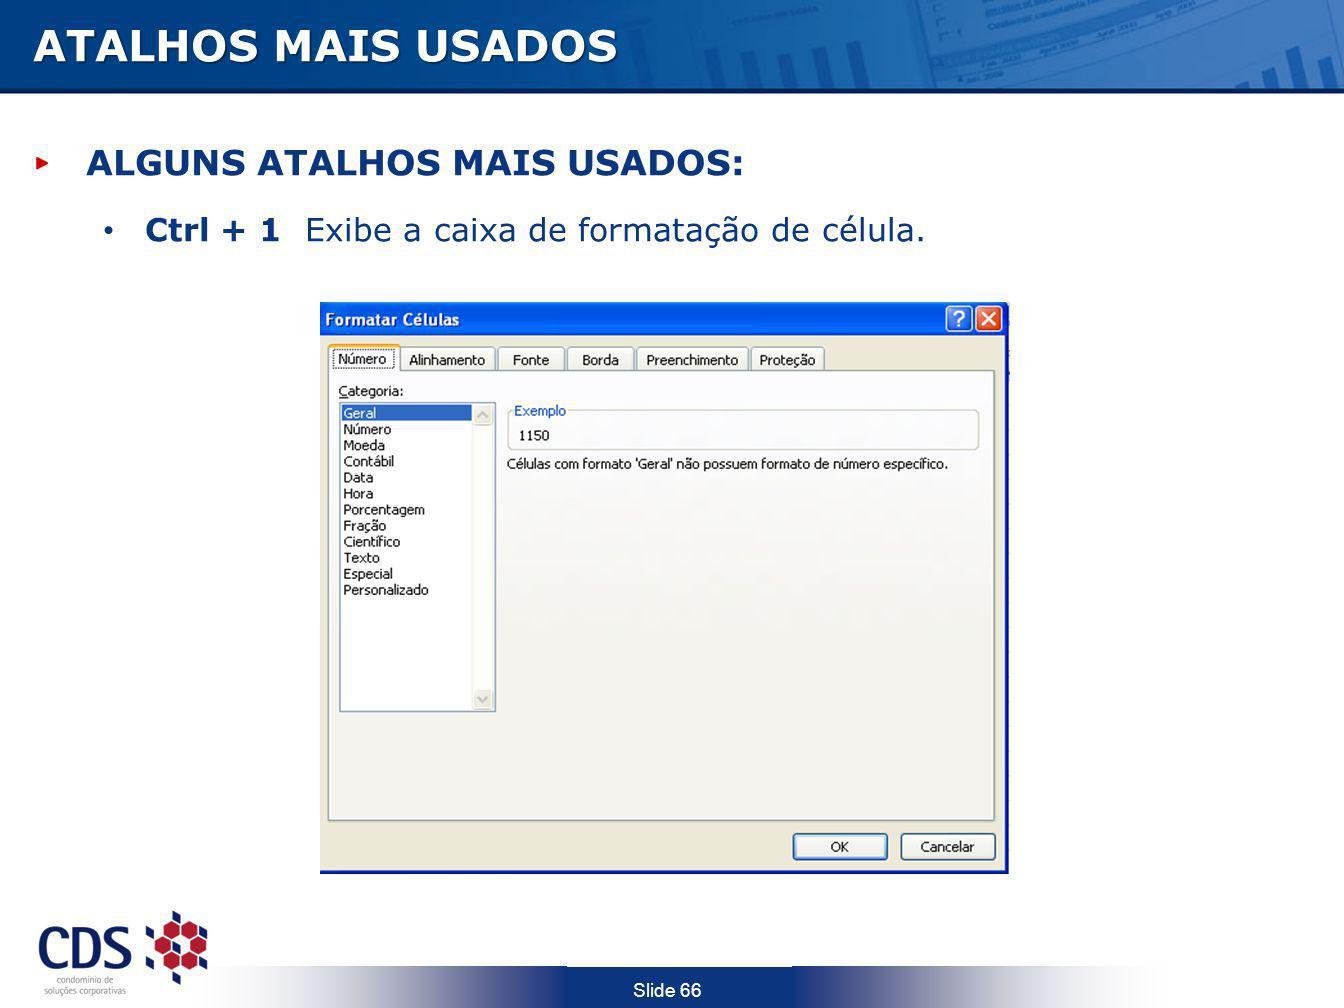 Slide 66 ATALHOS MAIS USADOS ALGUNS ATALHOS MAIS USADOS: Ctrl + 1 Exibe a caixa de formatação de célula.